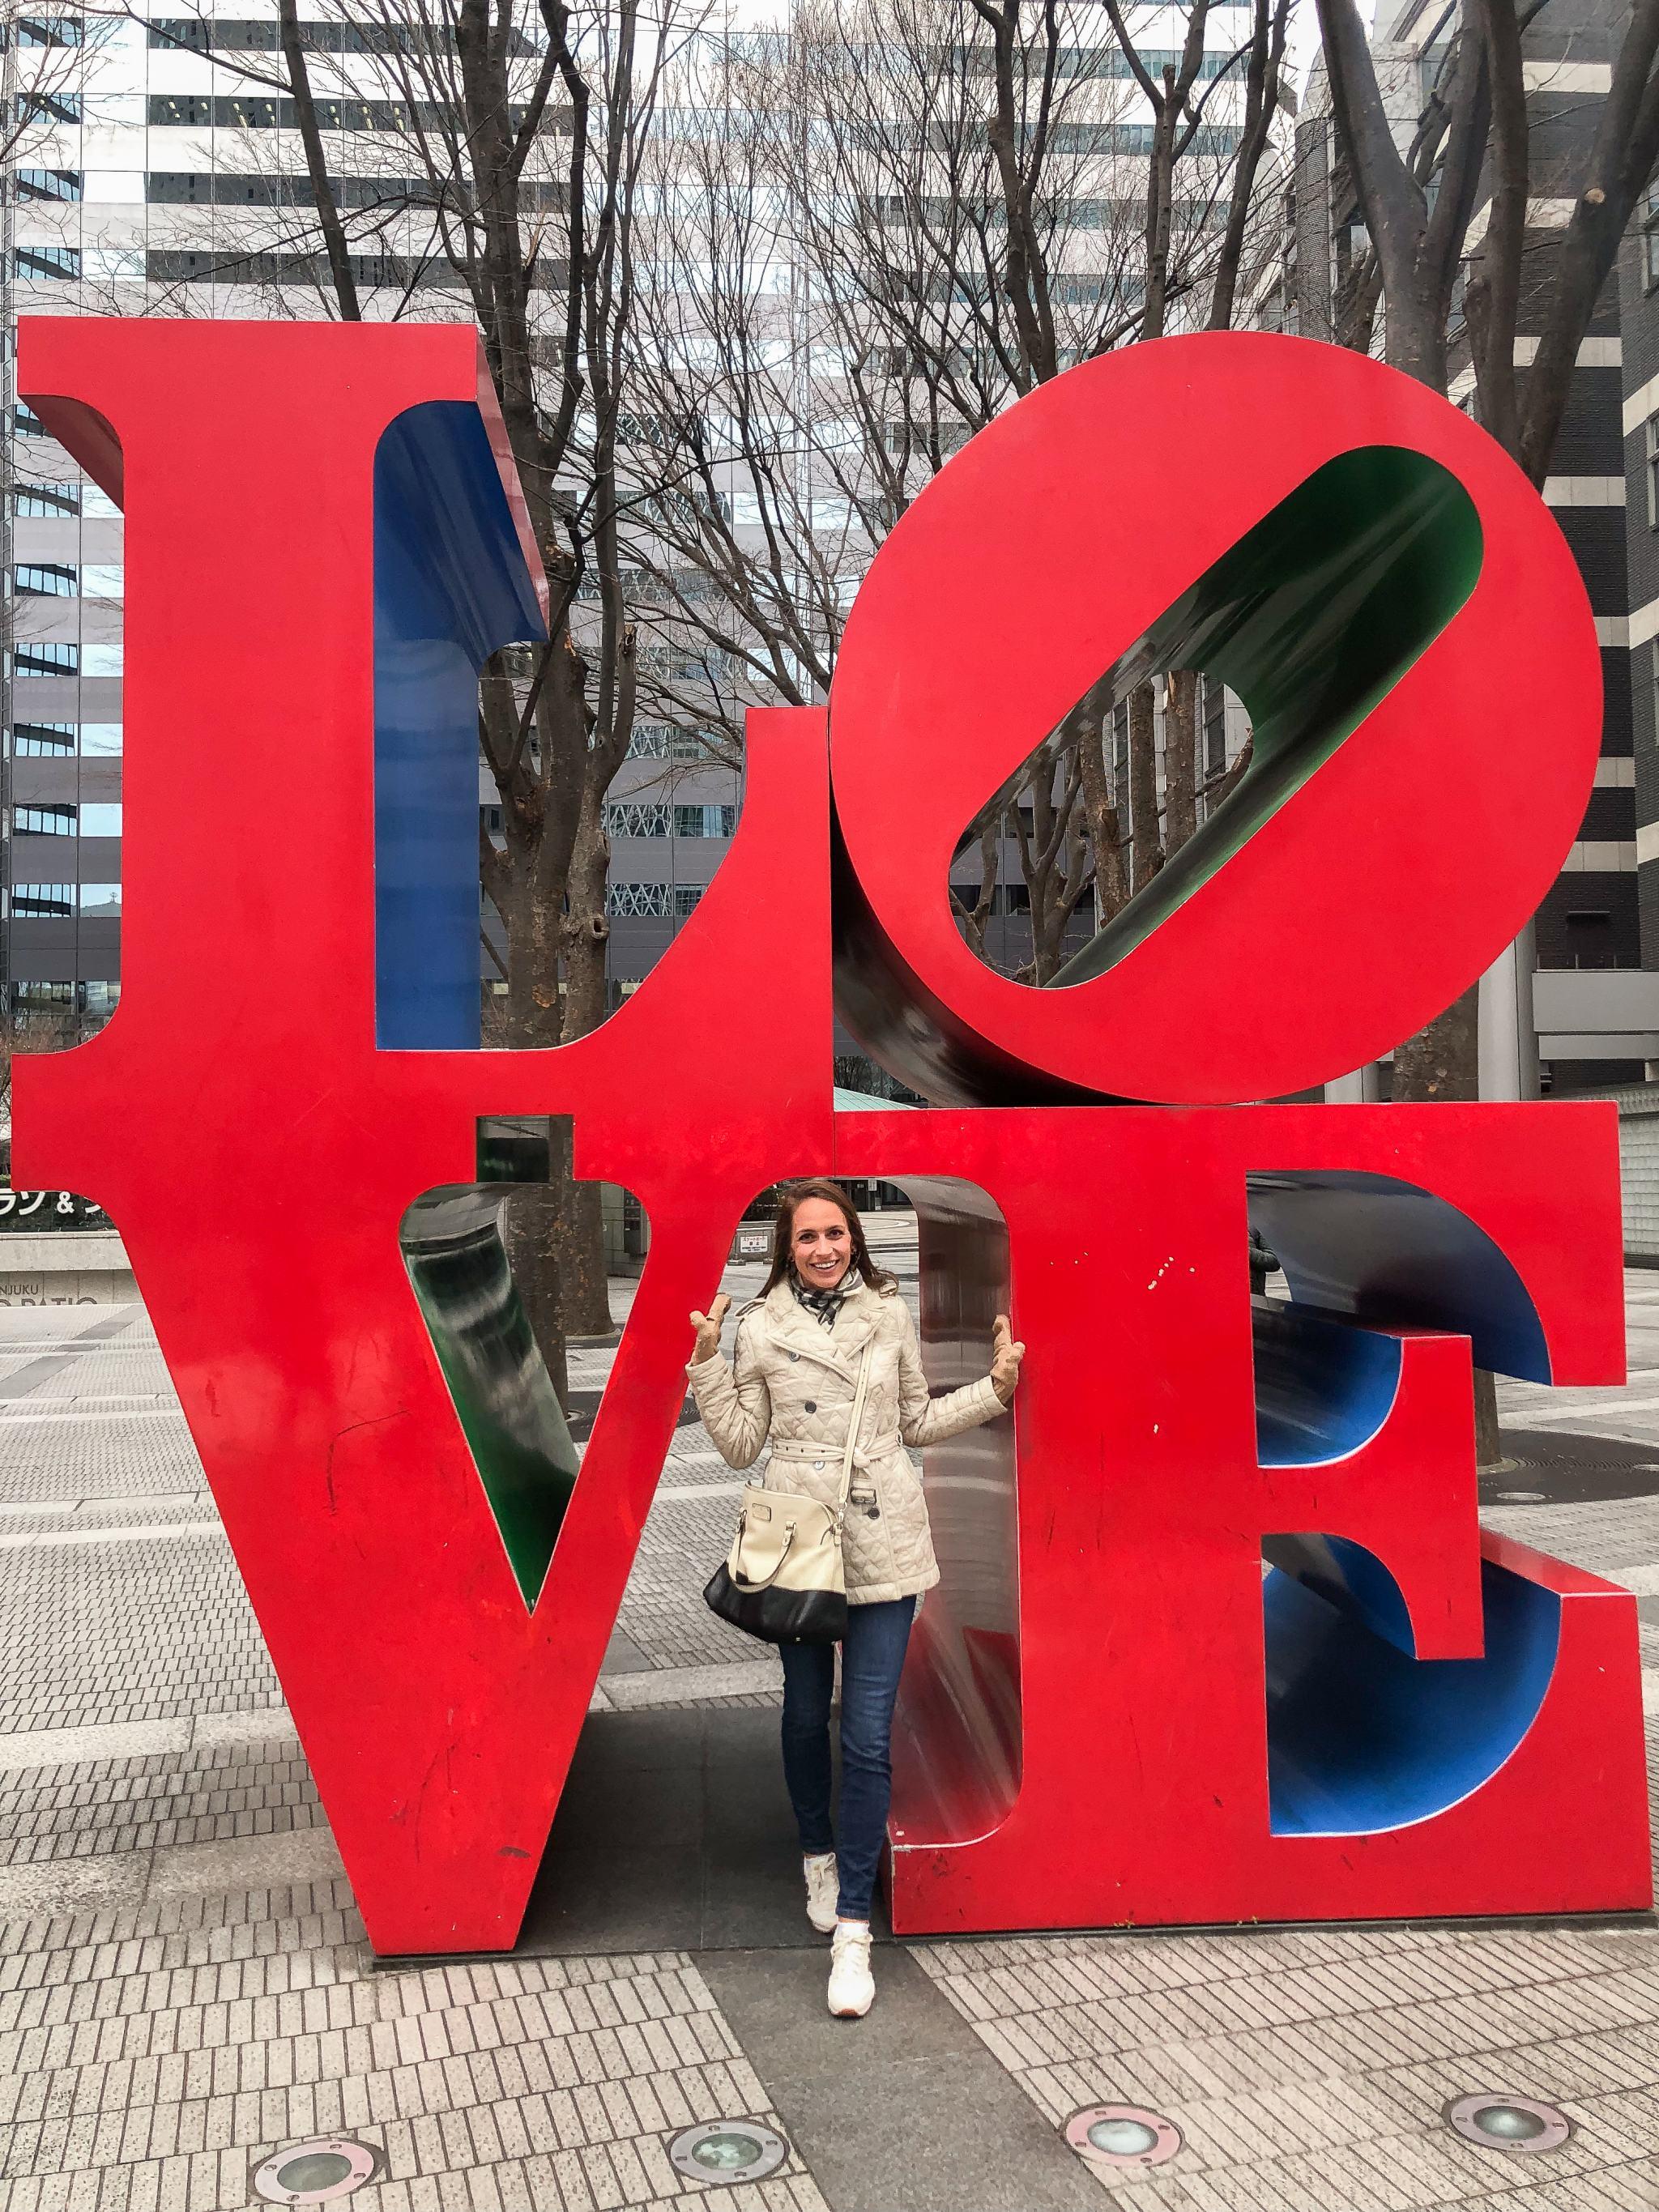 Shinjuku - Tokyo - traveling in Tokyo - what to see in Japan - Shinjuku love statue